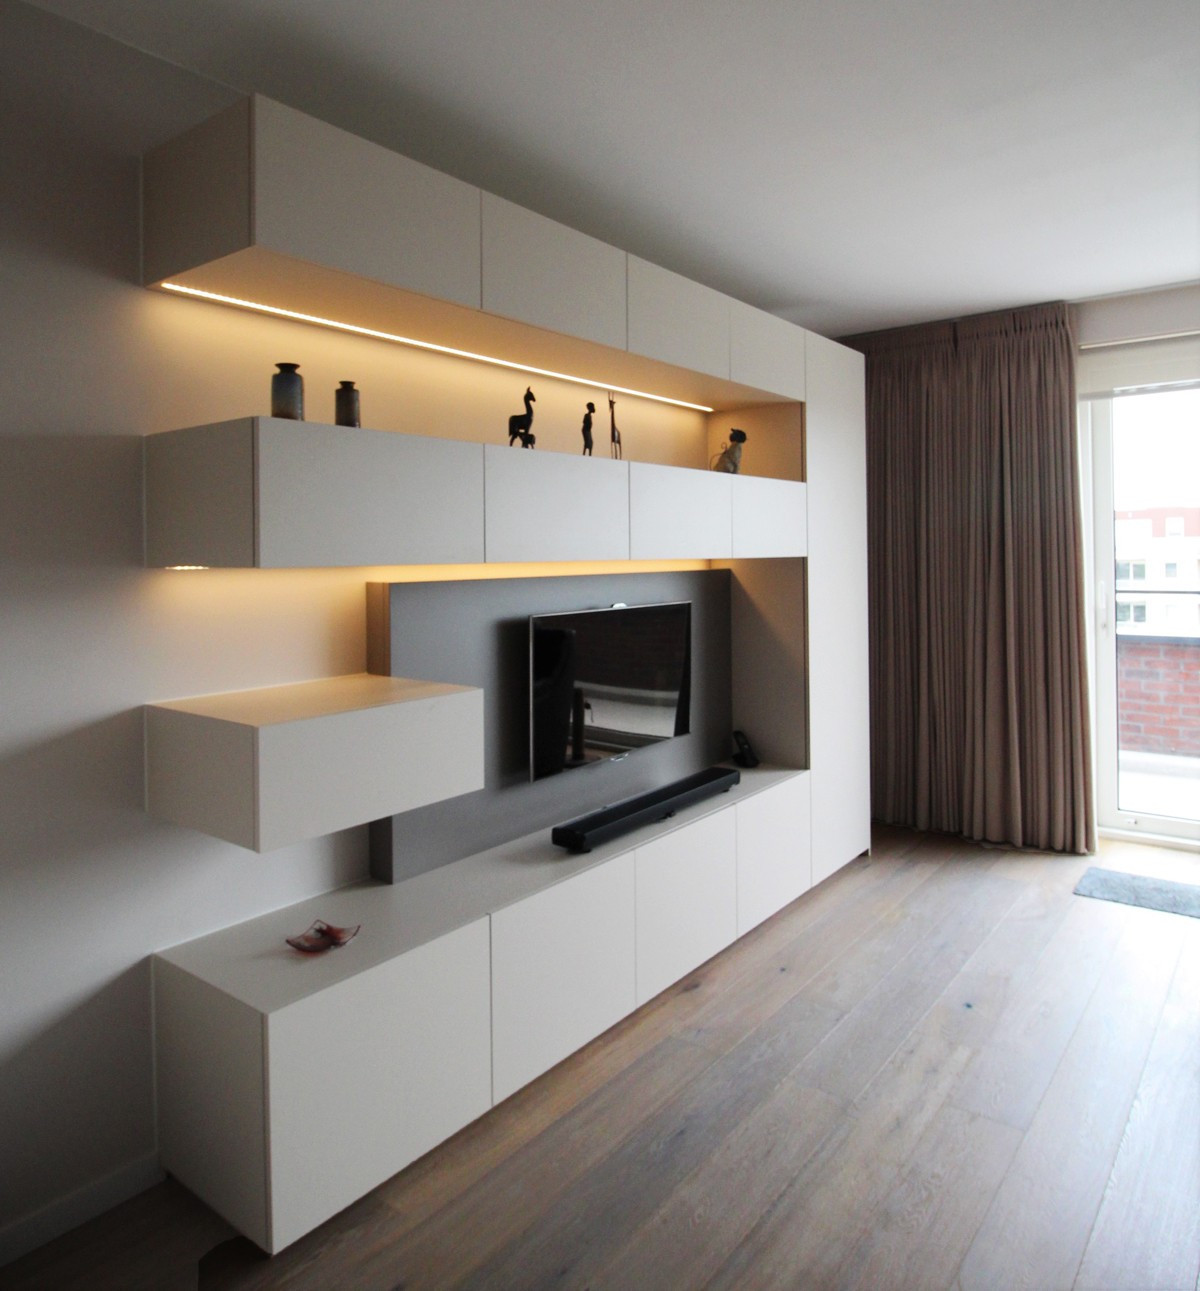 Woonkamer Kast Met Schuifdeuren : Design woonkamer kast tv meubel met ...